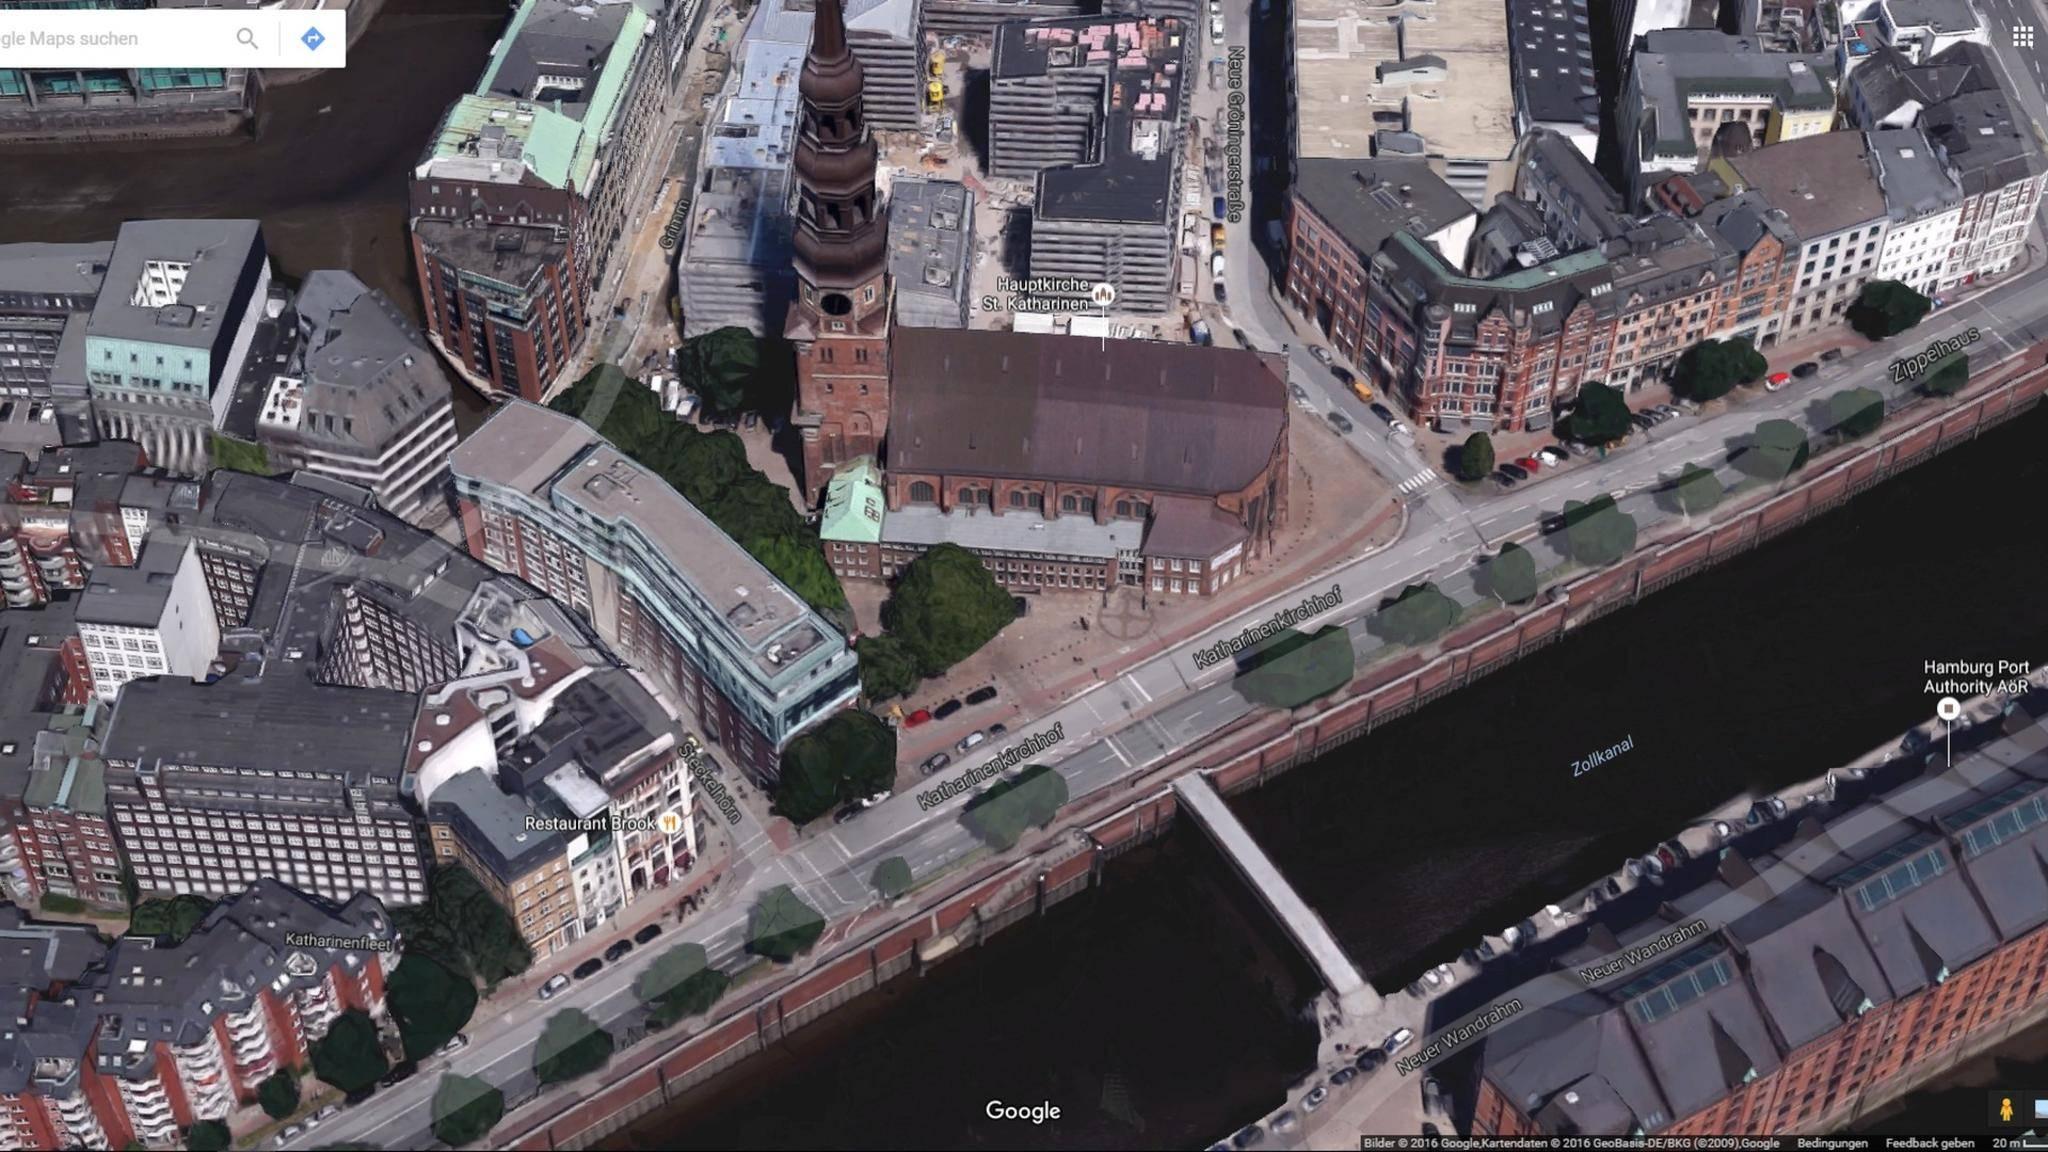 Die vielen für Google Maps benötigten Daten können Abstürze auslösen.